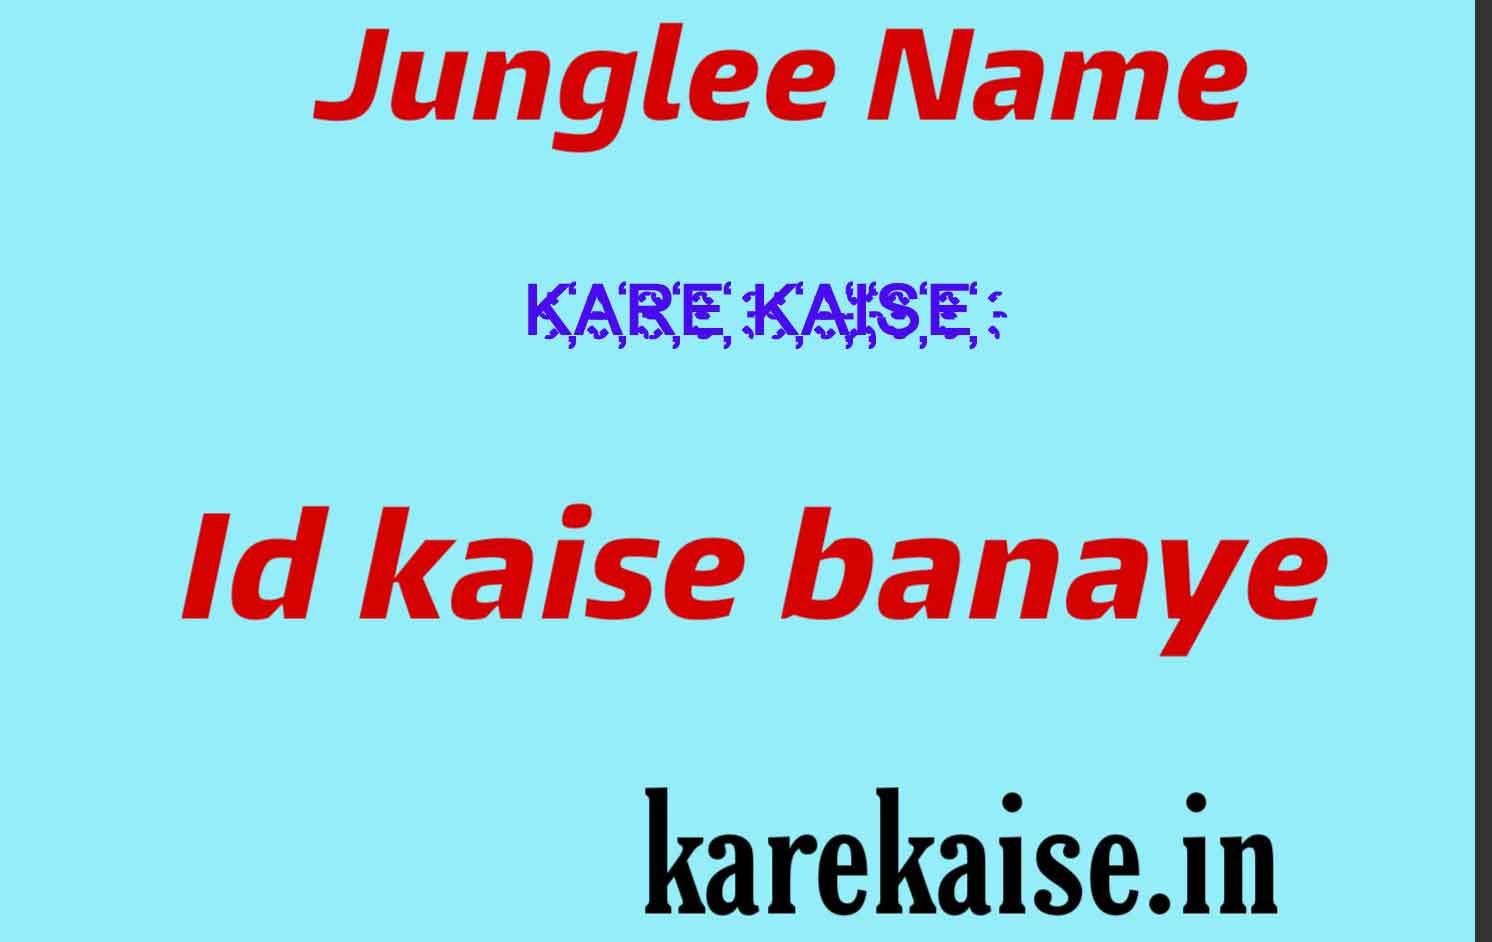 Junglee name id kaise banaye